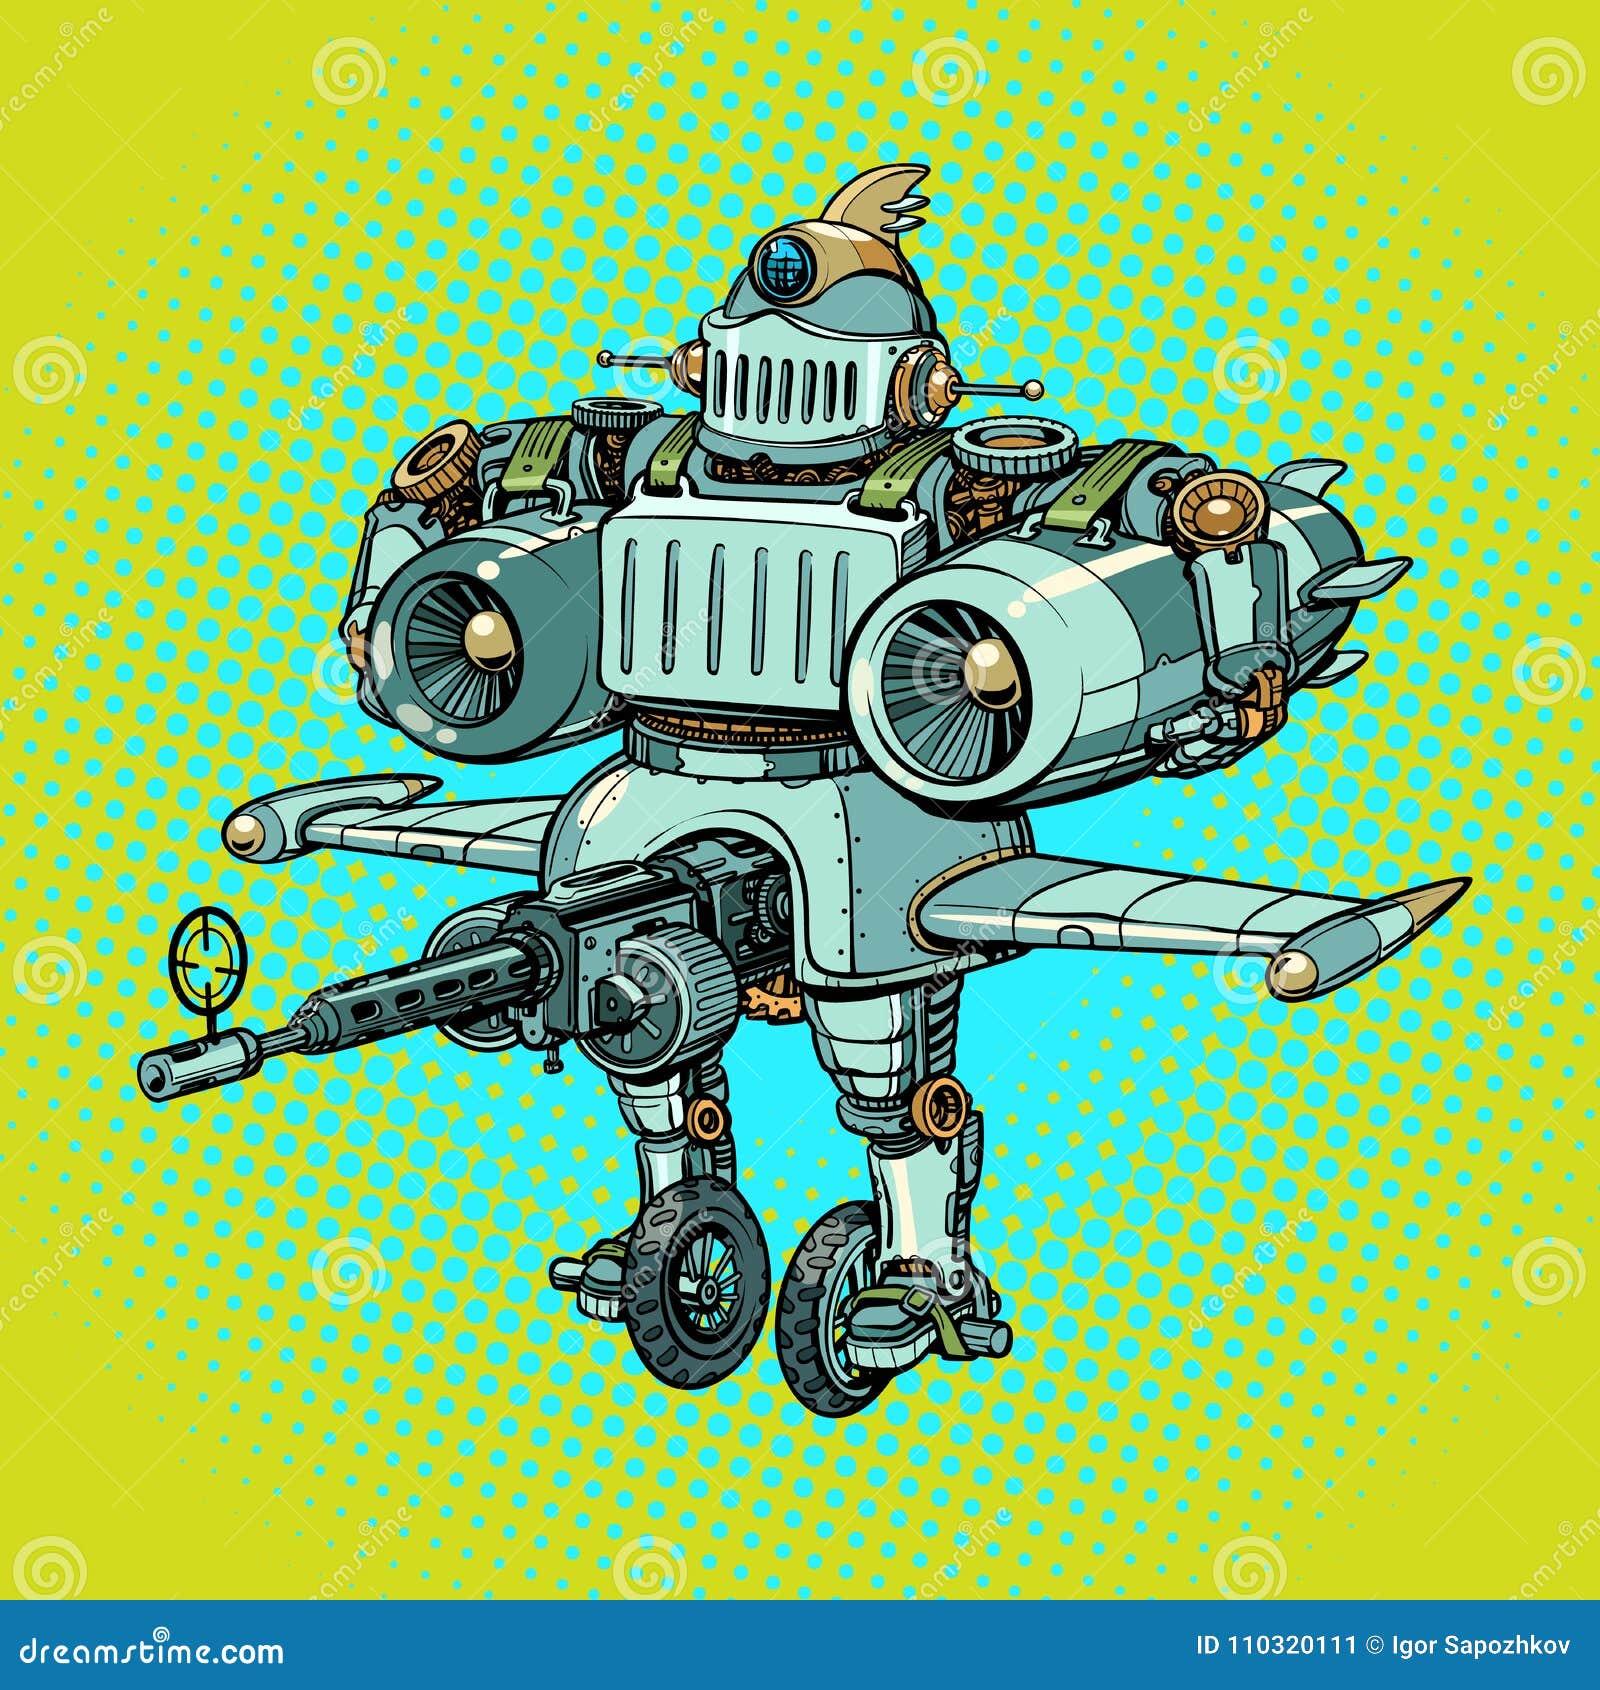 Robot militar de la batalla divertida ridícula en estilo retro